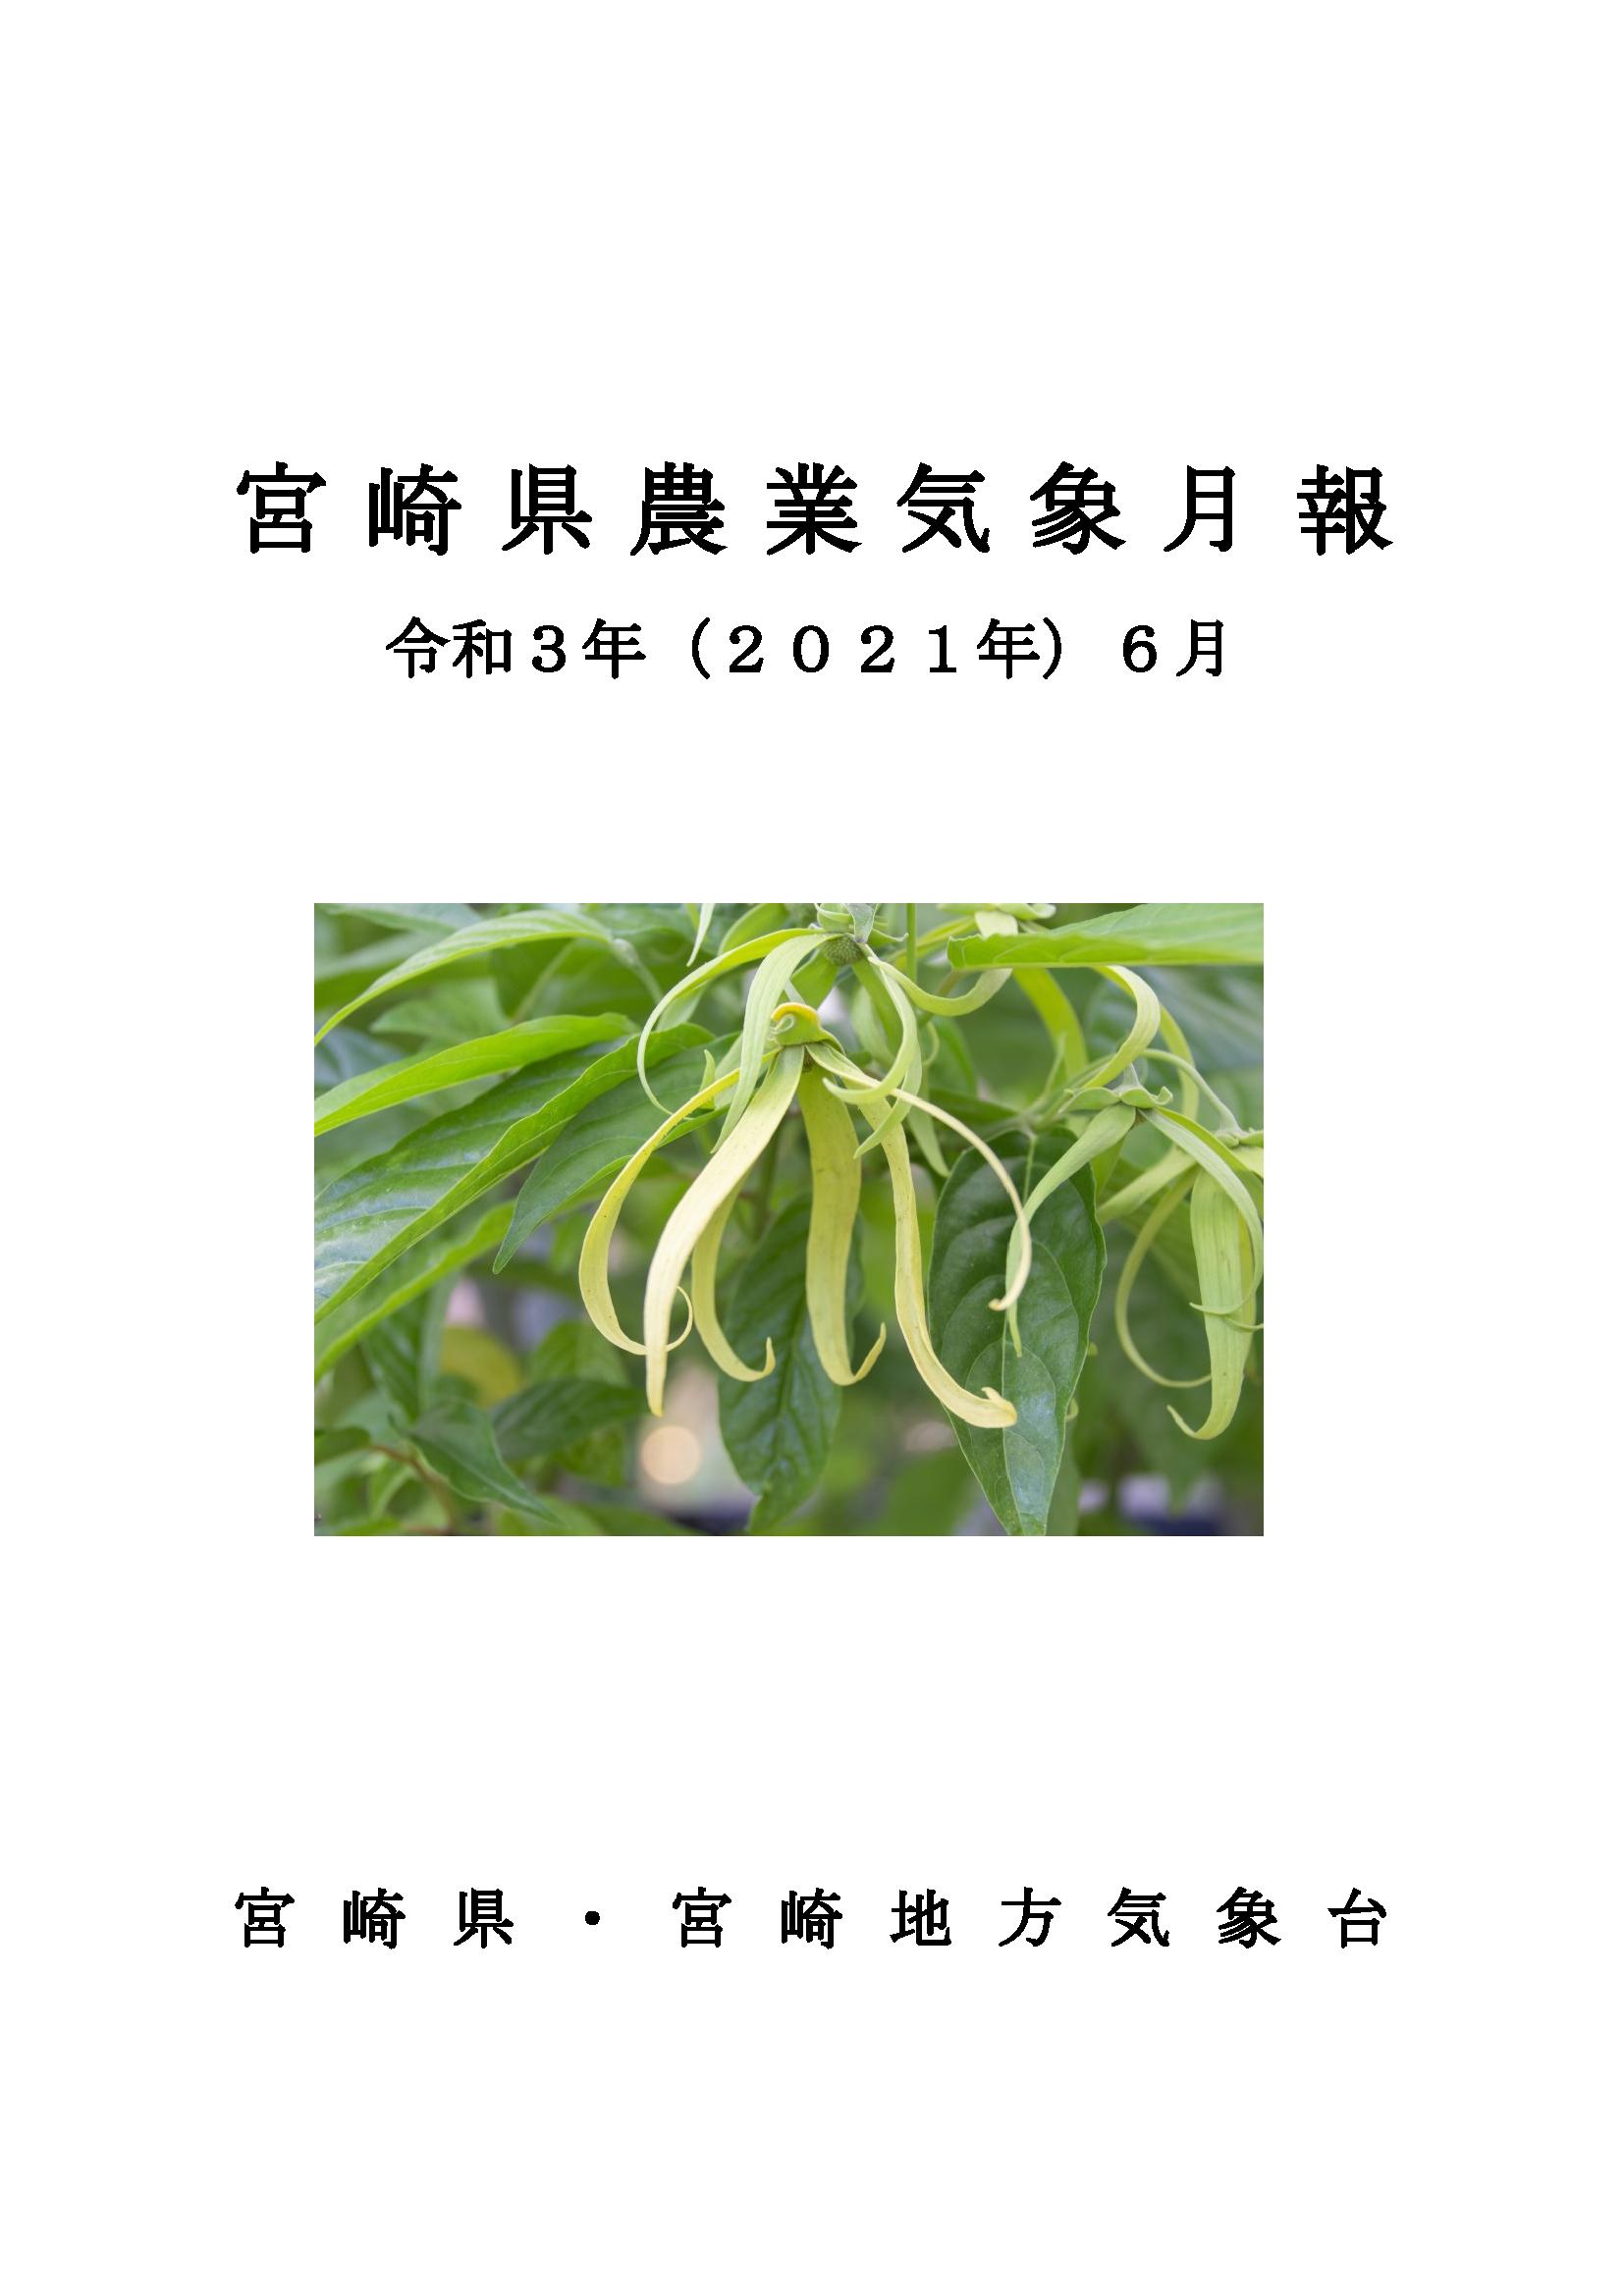 令和3年5月農業気象月報PDF